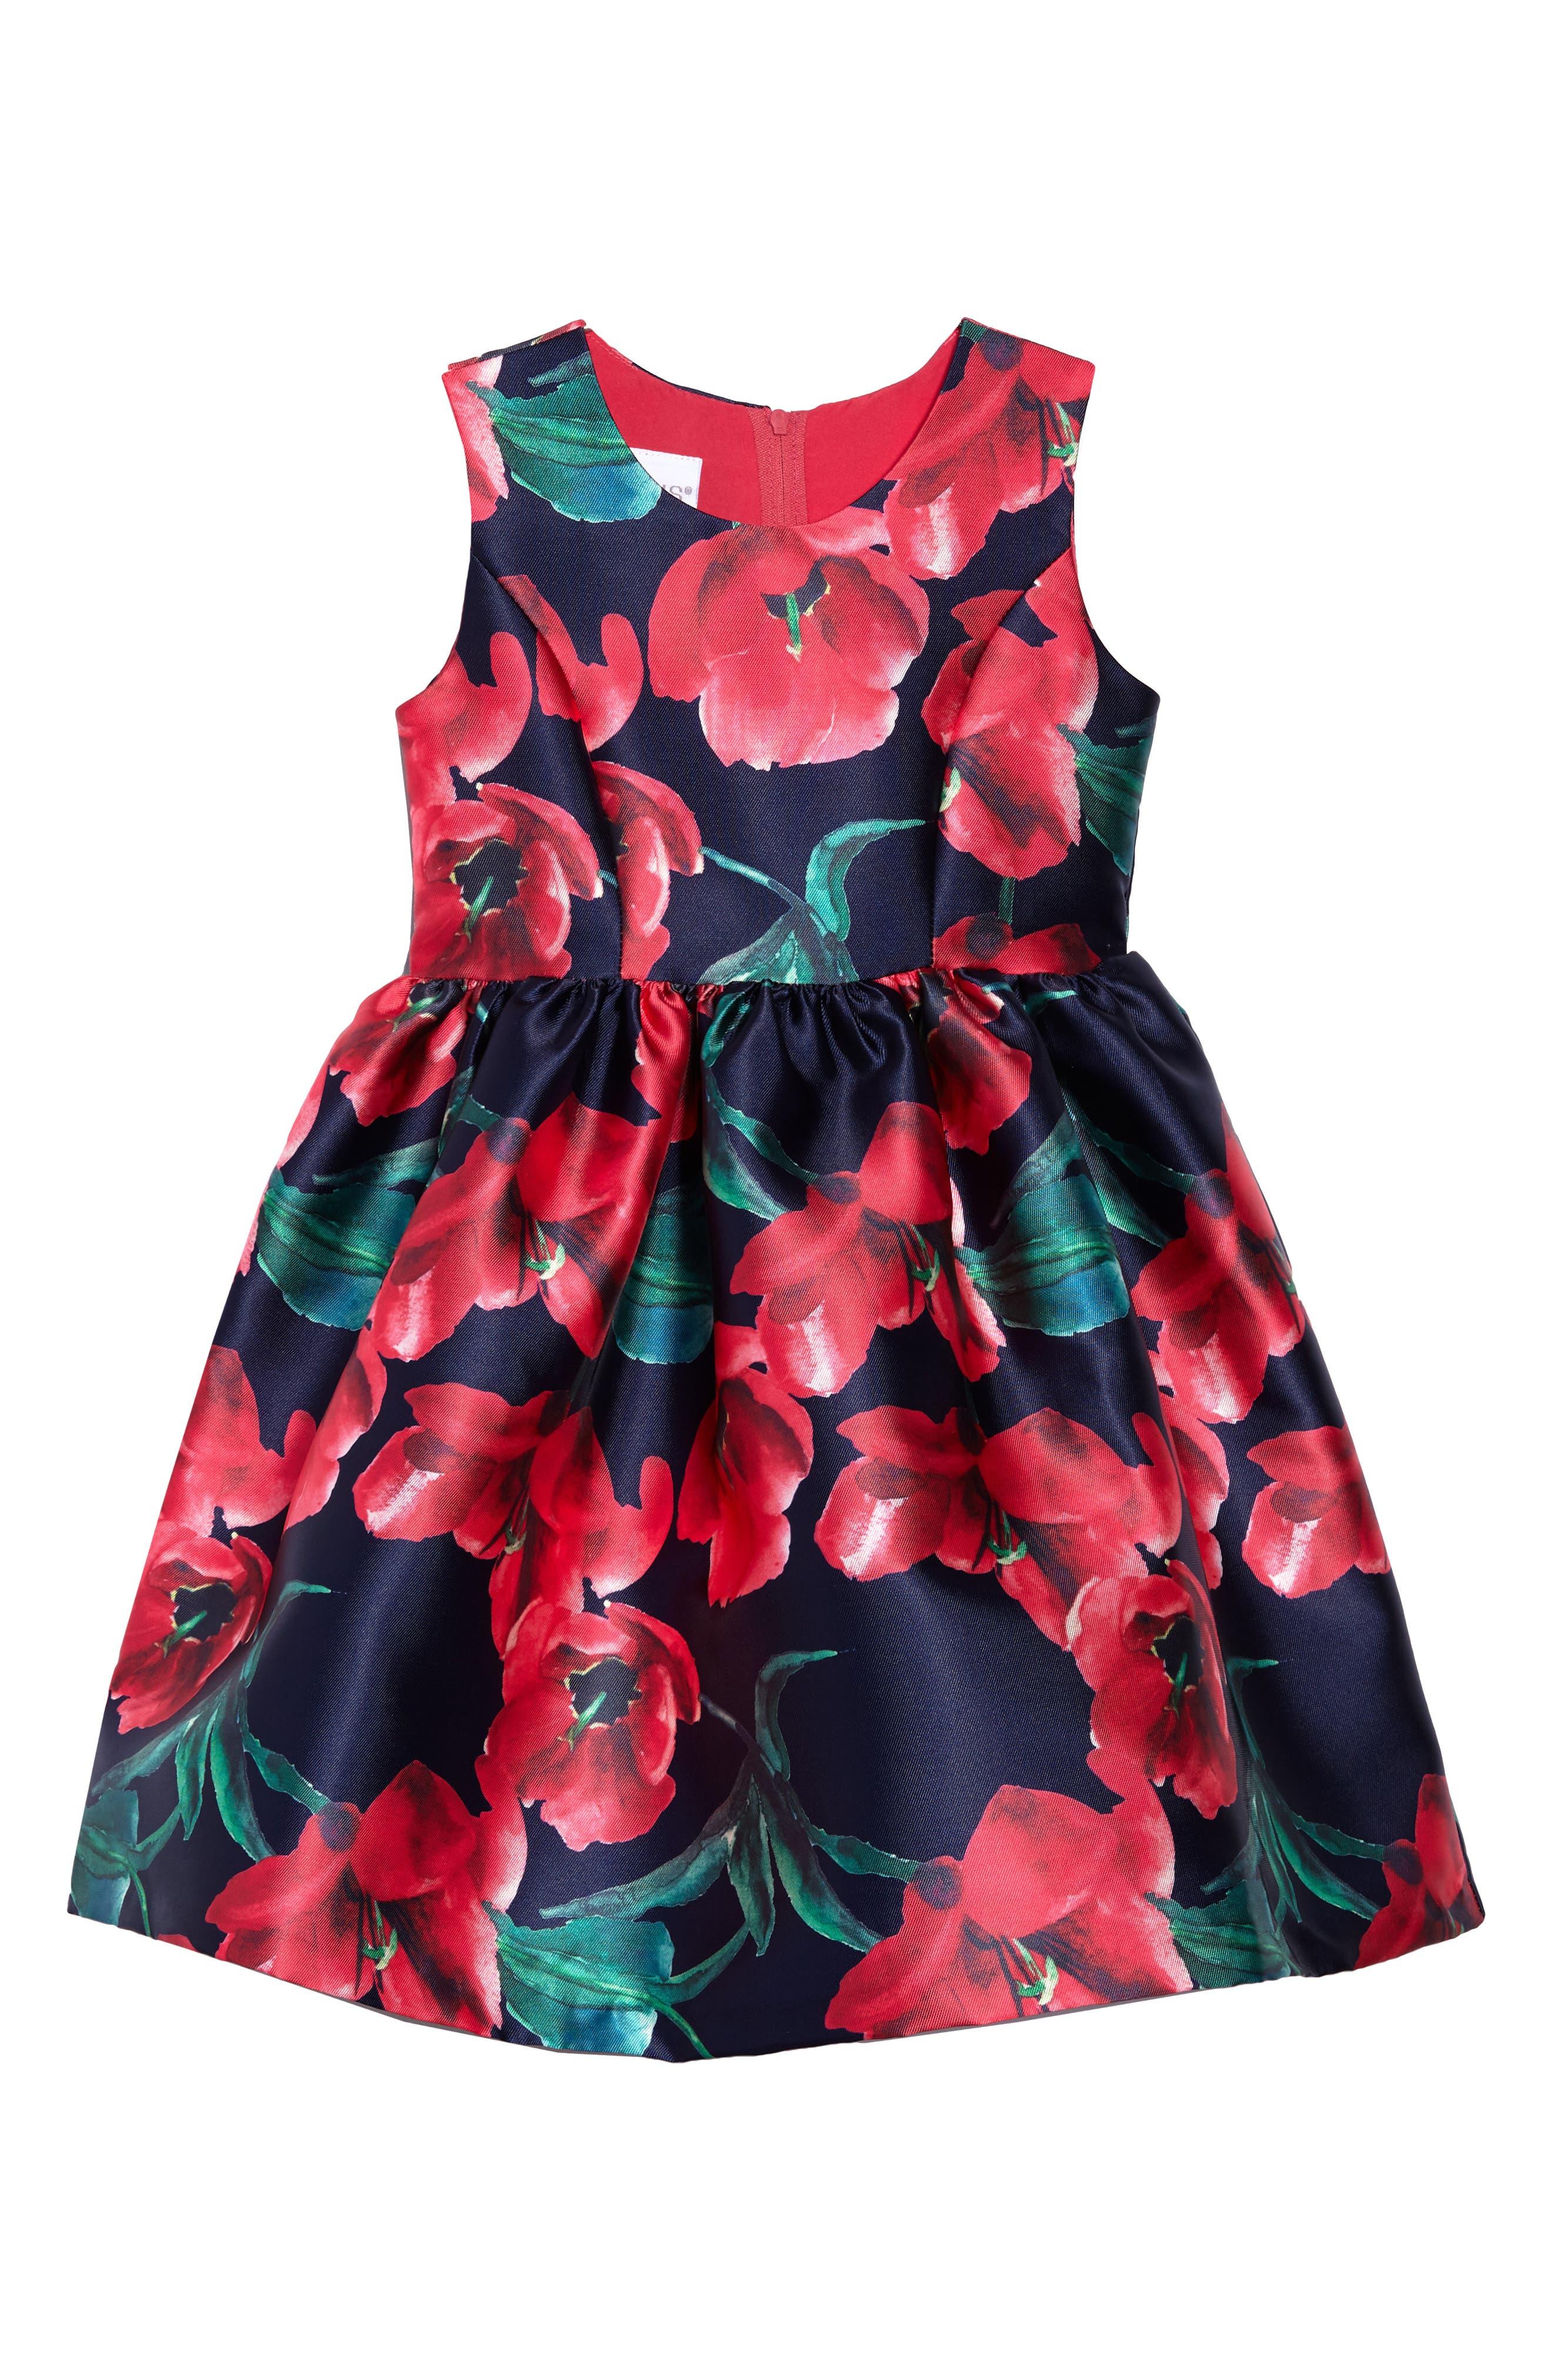 Poppy Party Dress,                             Main thumbnail 1, color,                             Navy/ Fuschia